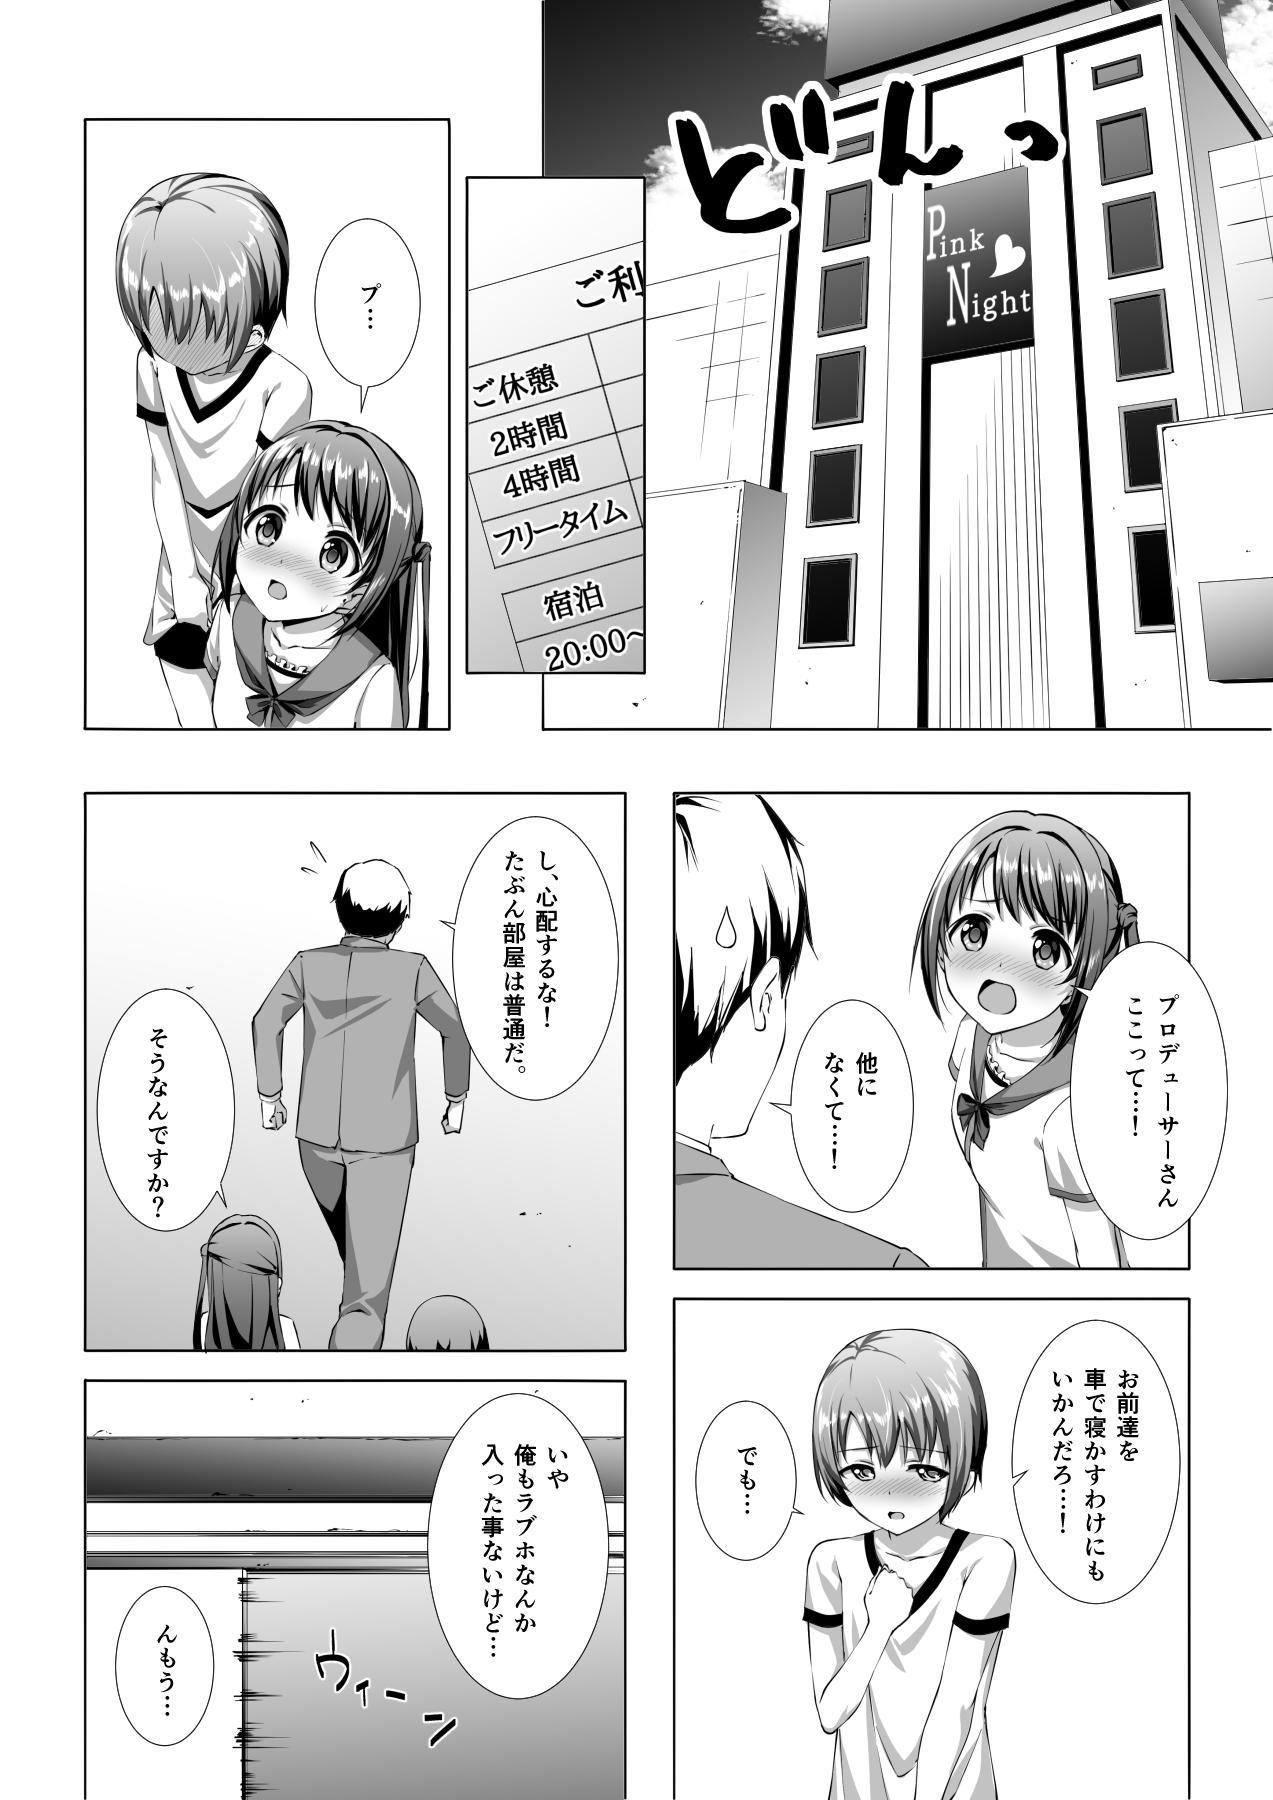 Hajimete no Hotel 3